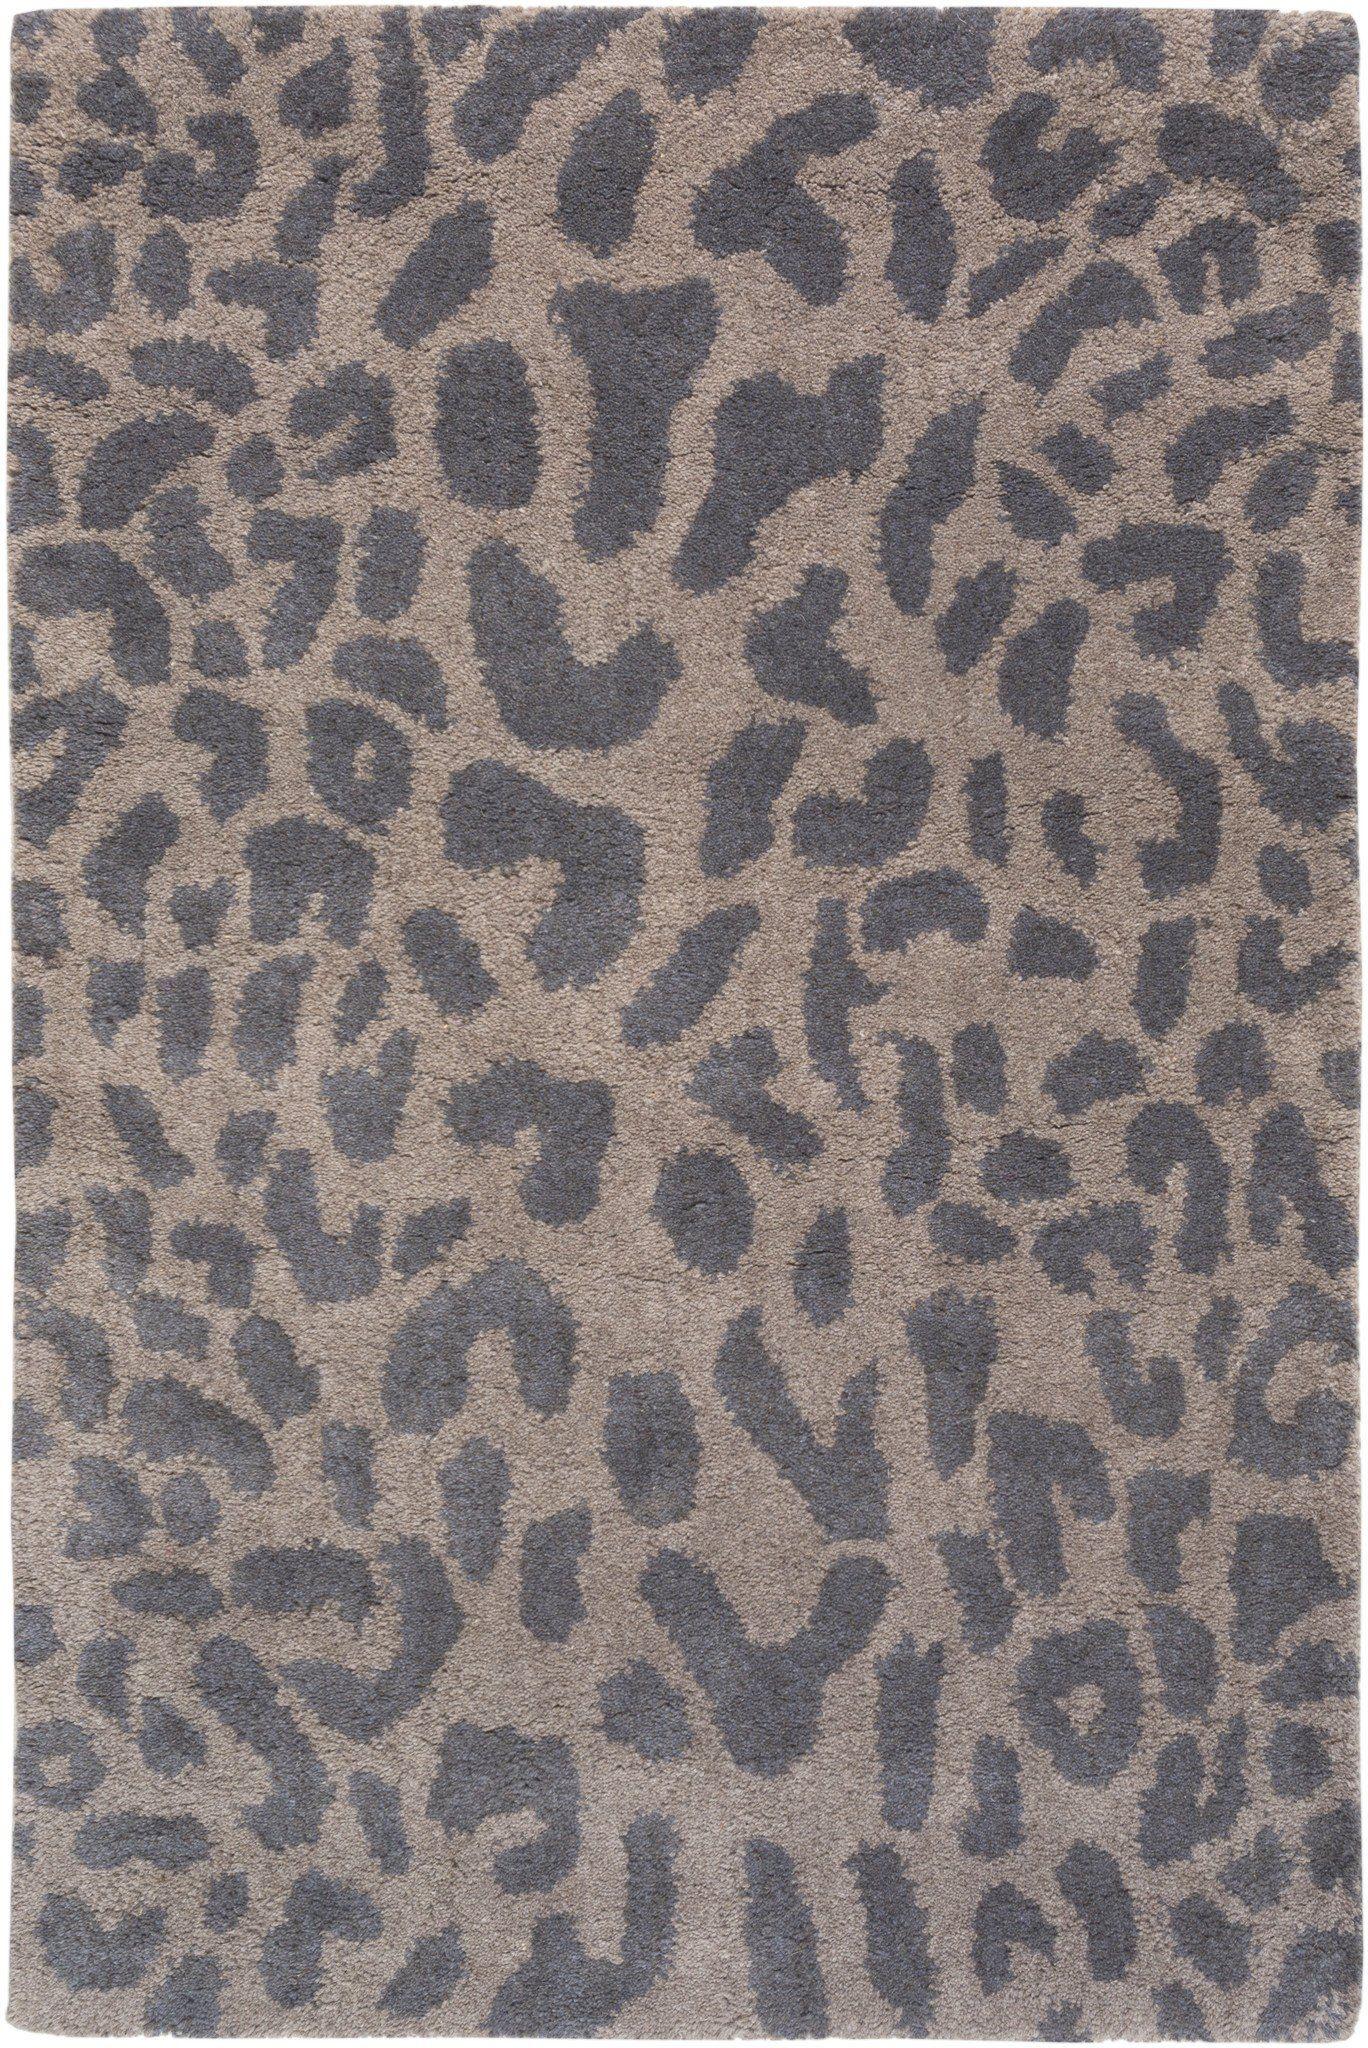 Surya Athena Ath5114 Blackbrown Animal Area Rug